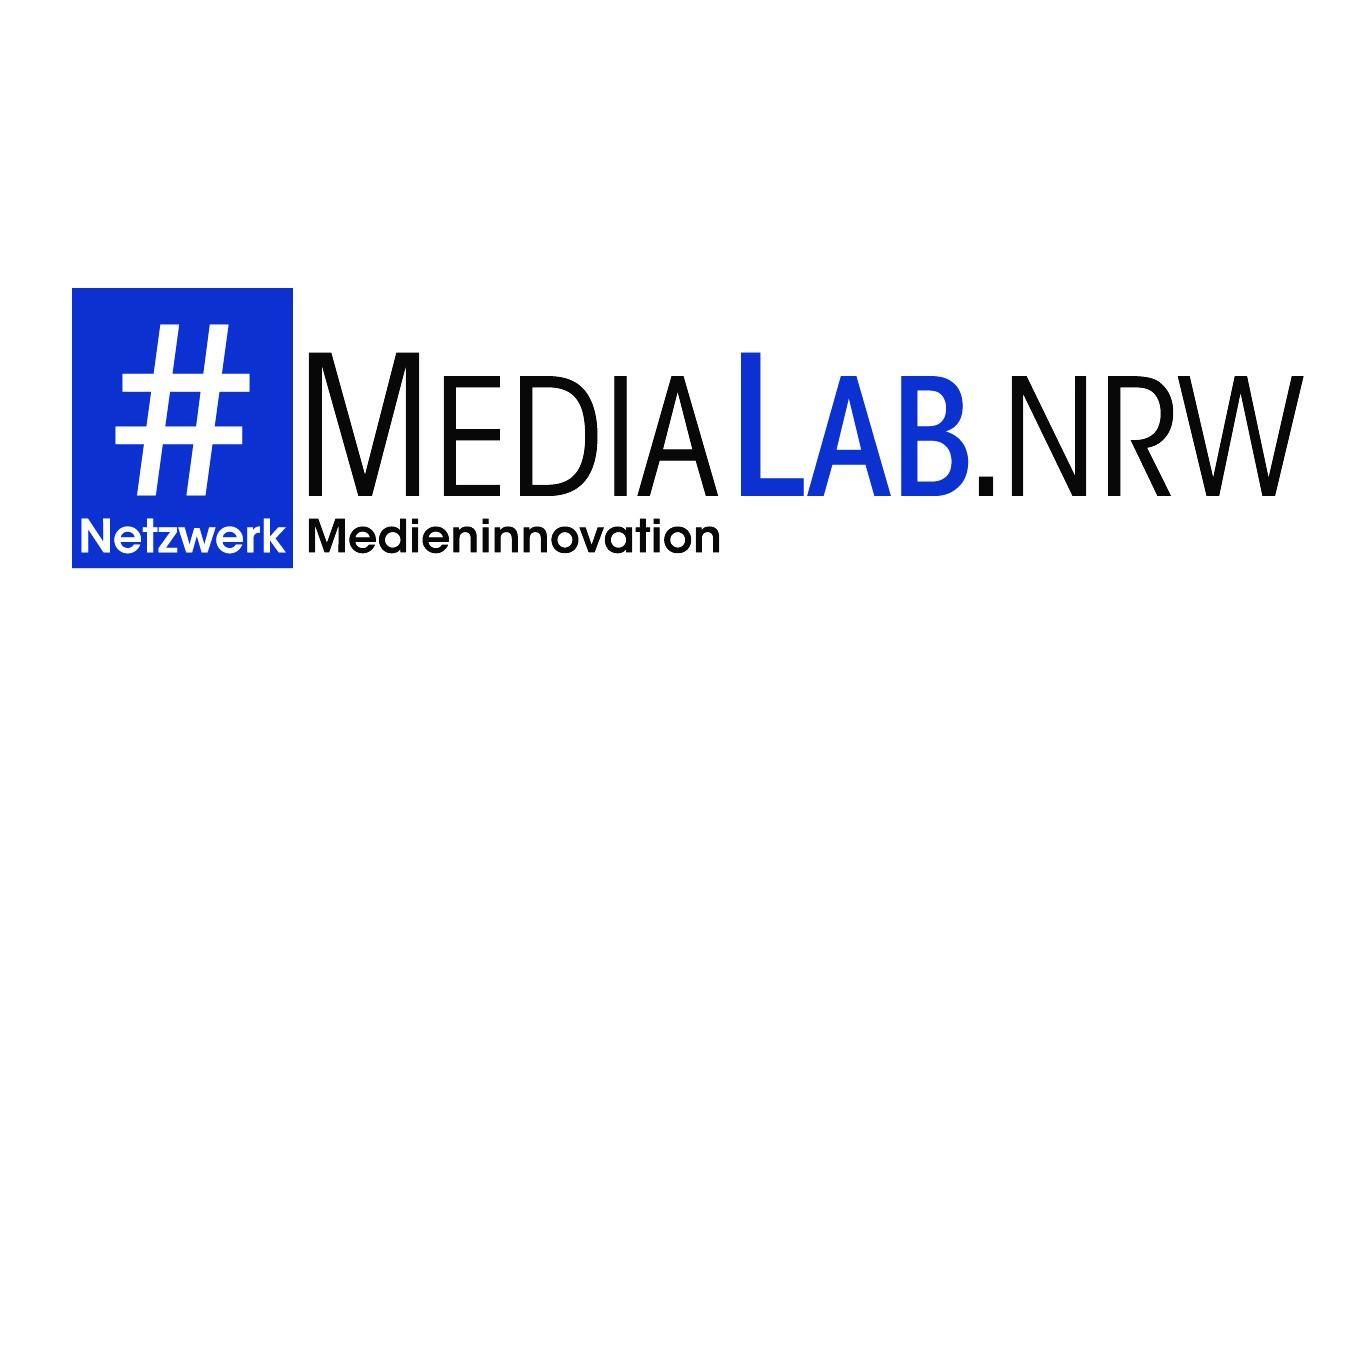 MediaLabNRW Logo